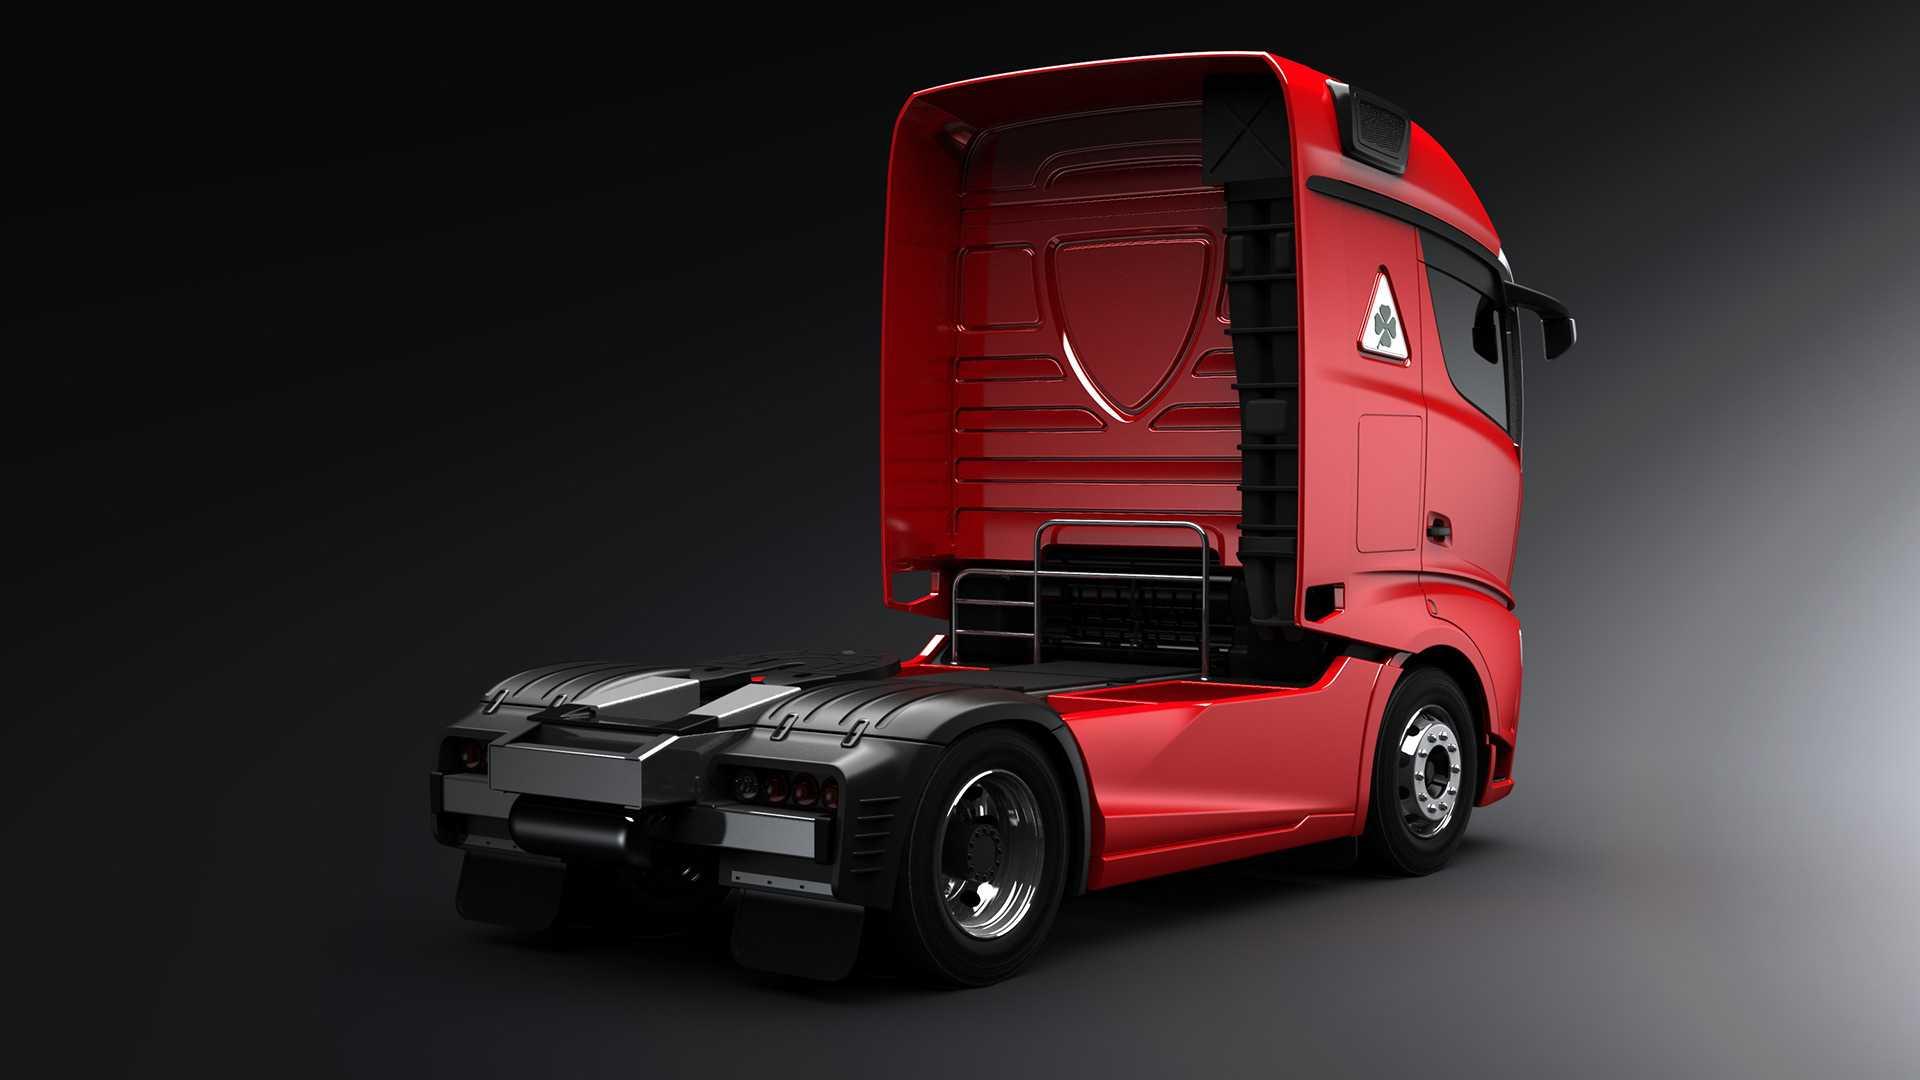 کامیون احتمالی آلفا رومئو/ زیبای بخش خودروهای تجاری